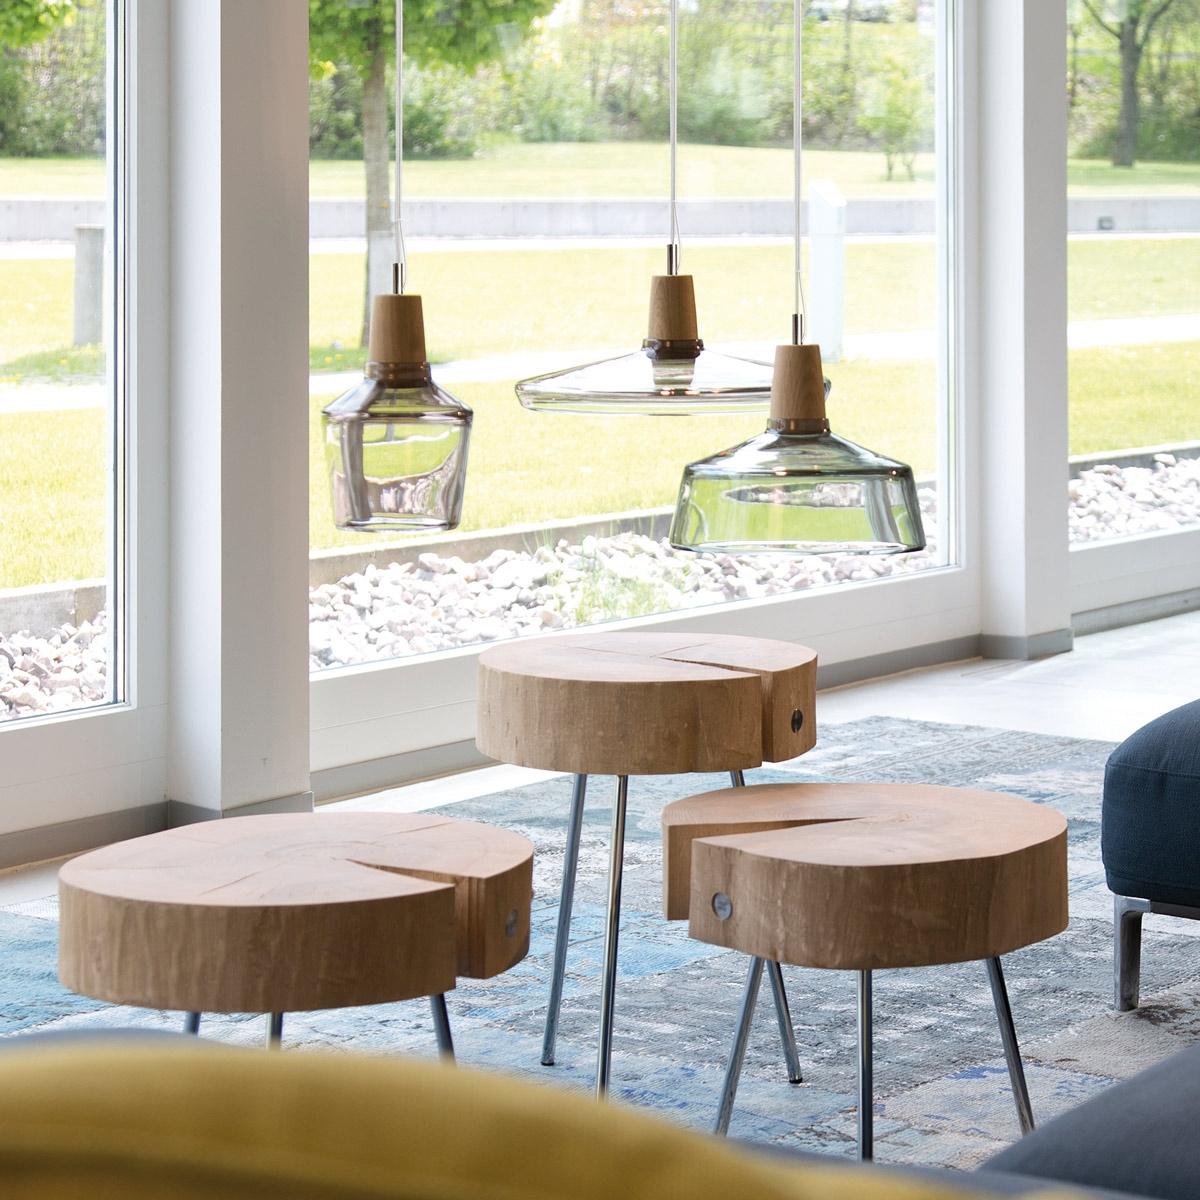 suspension multiple au style industriel une lampe fabriqu e manuellement avec du bois et du. Black Bedroom Furniture Sets. Home Design Ideas